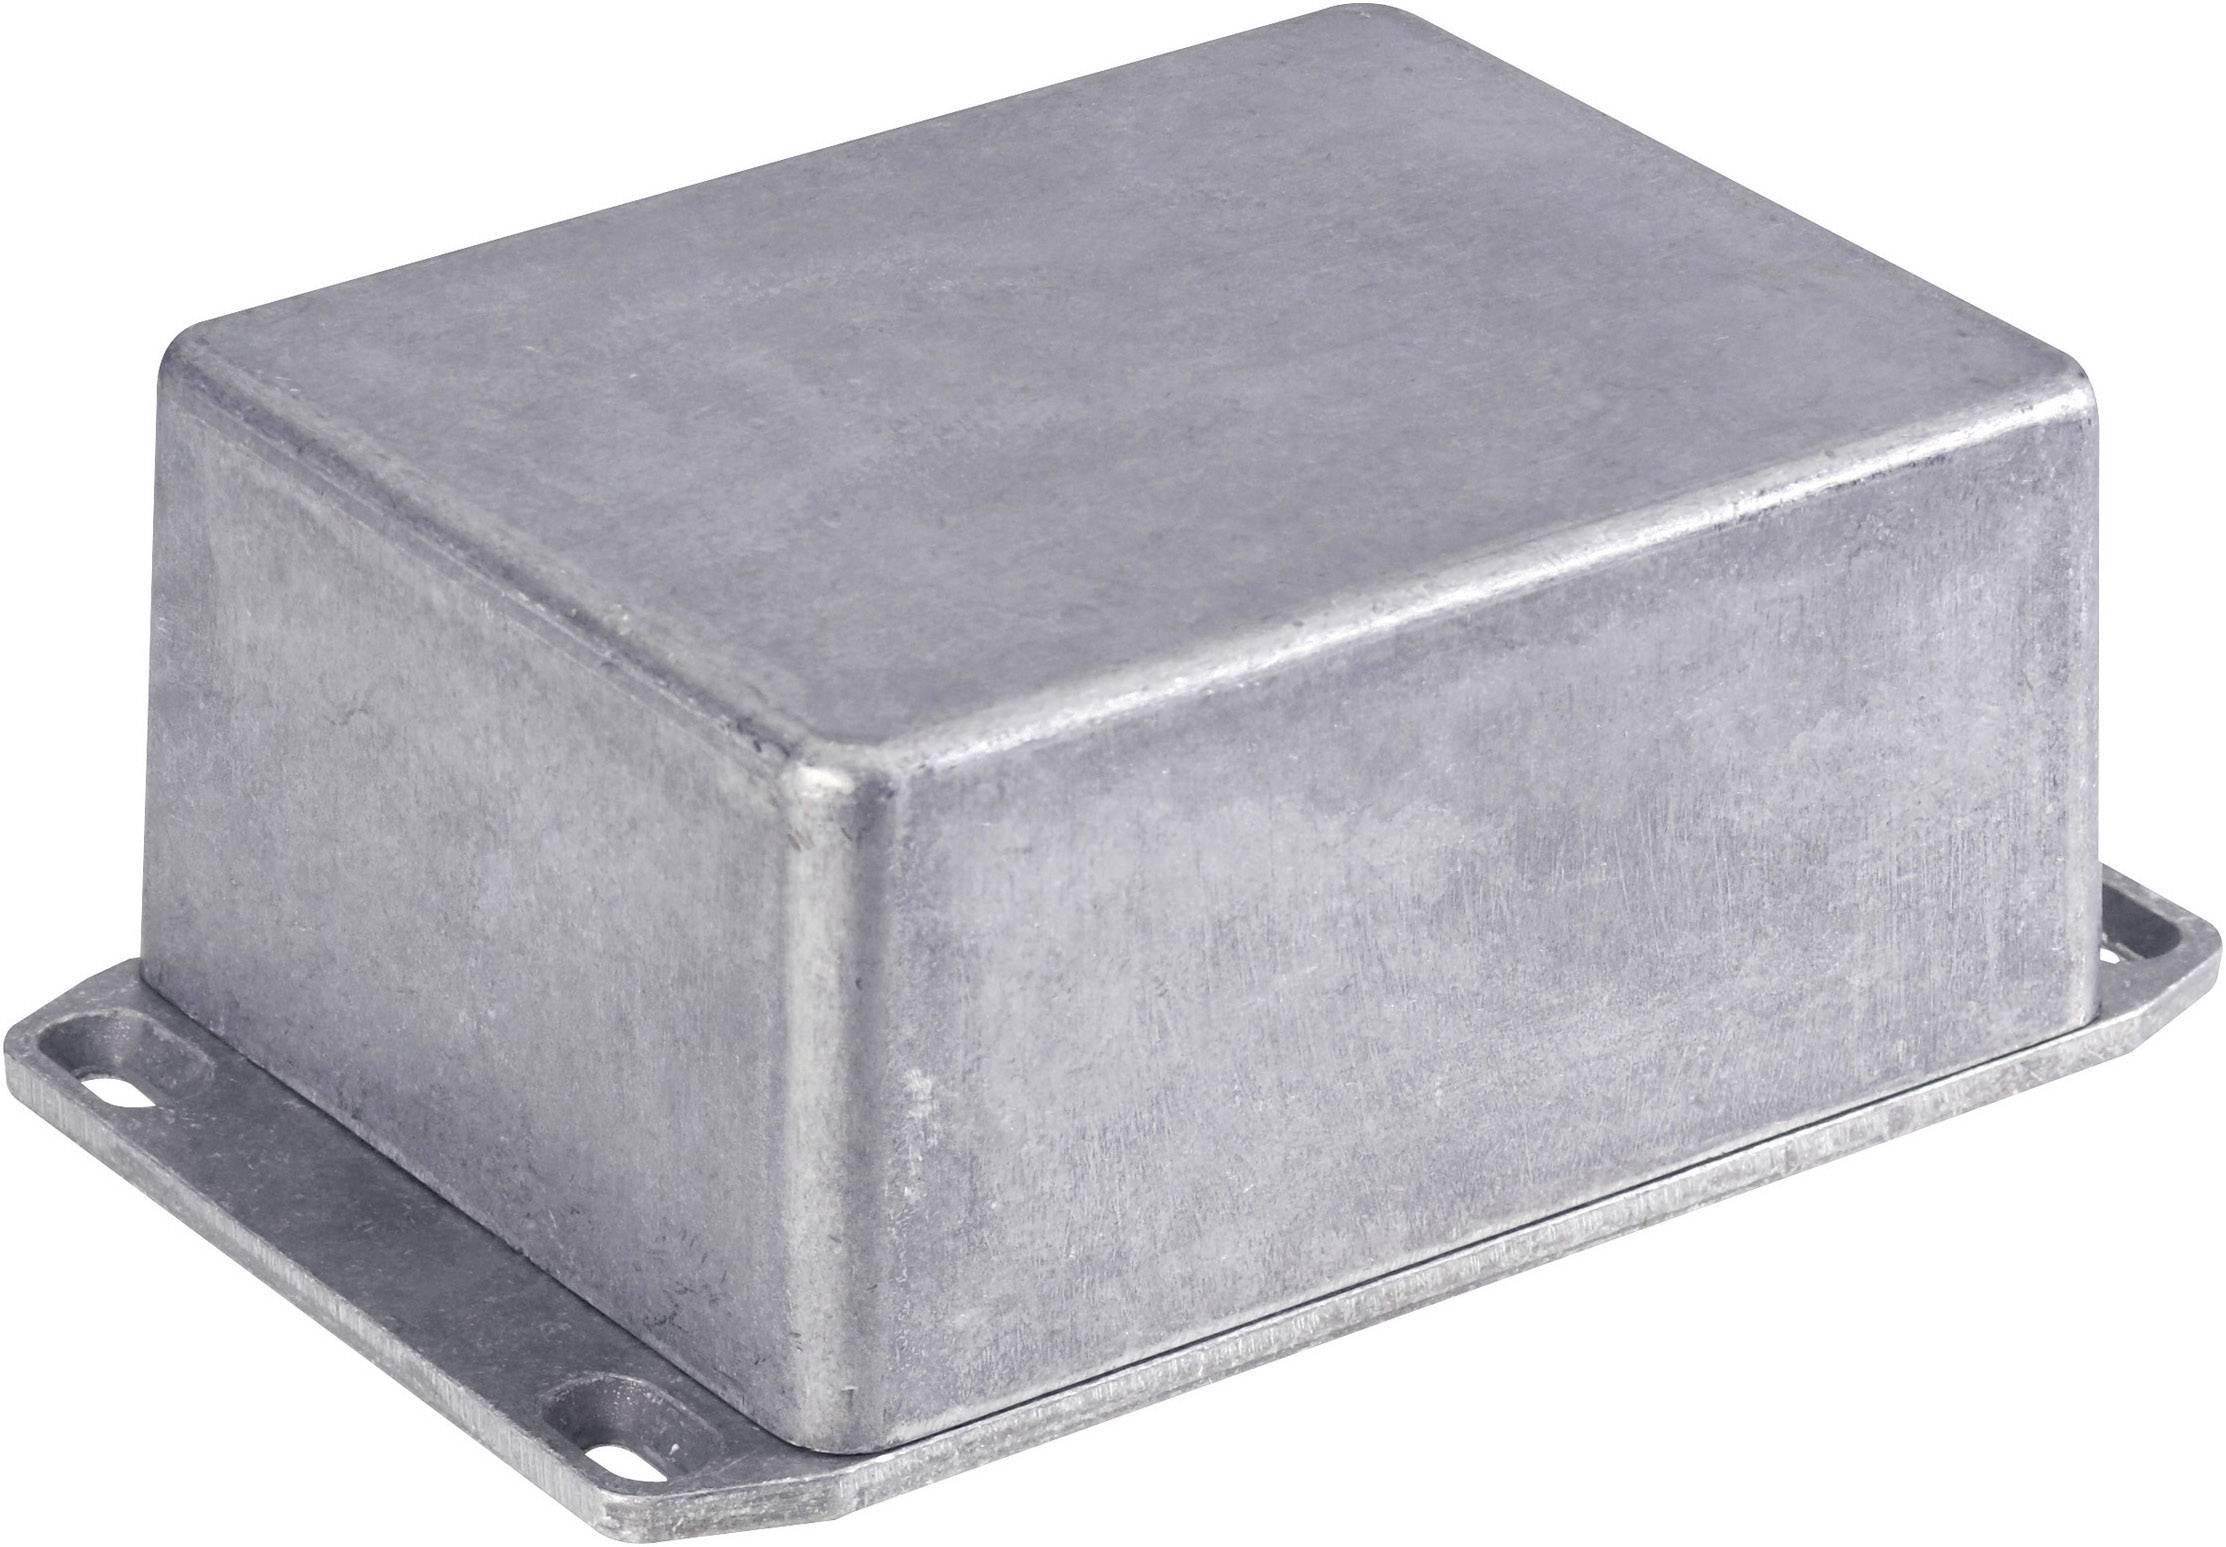 Tlakem lité hliníkové pouzdro Hammond Electronics 1590WPFLBK, (d x š x v) 153 x 82 x 50 mm, černá